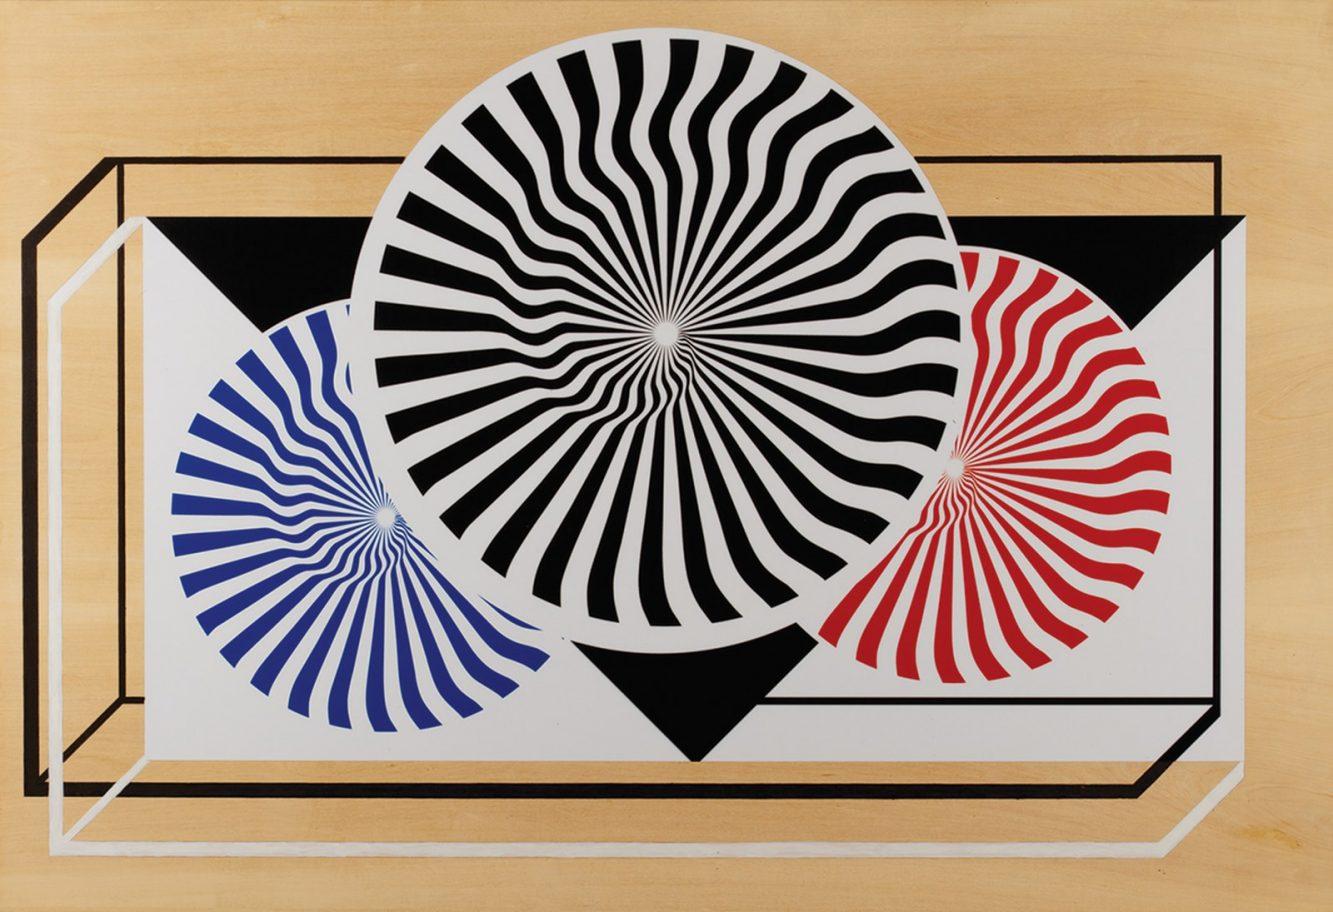 Margarita Paksa, Comunicaciones (1968-2000), panel de madera de guatambú enchapada, pintura acrílica, 65 x 95 x 2 cm, serie 6 ambientes en madera - Ph: Gian Paolo Minelli.